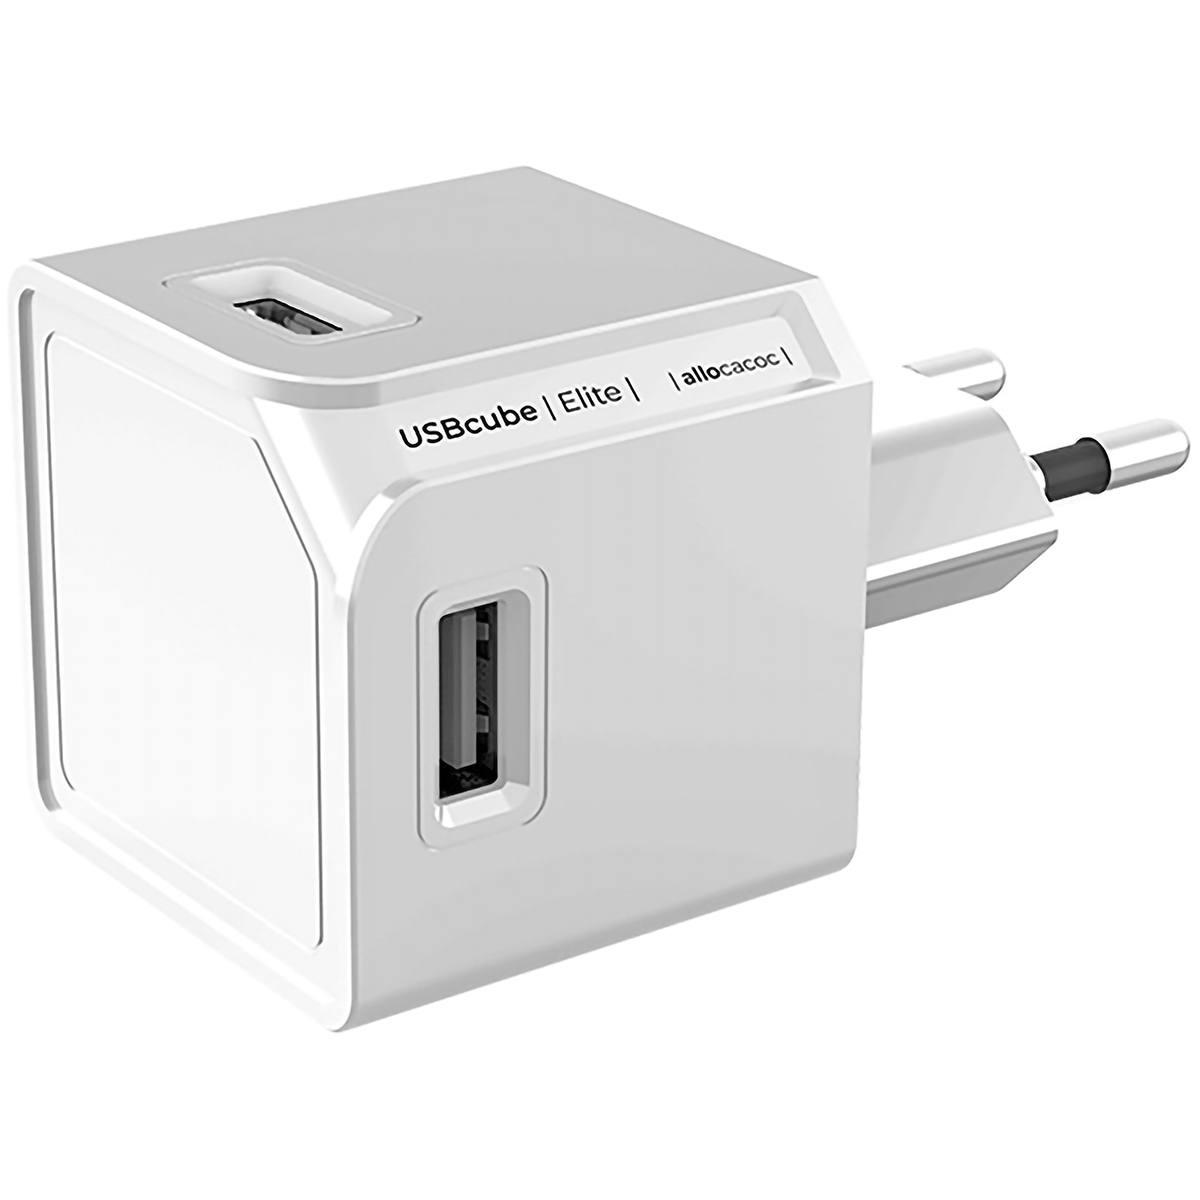 Carregador Multi USB Cube 4 Portas 3A Ultra Fast Charge 15W Alta Potência Bivolt Branco ELG USBCube